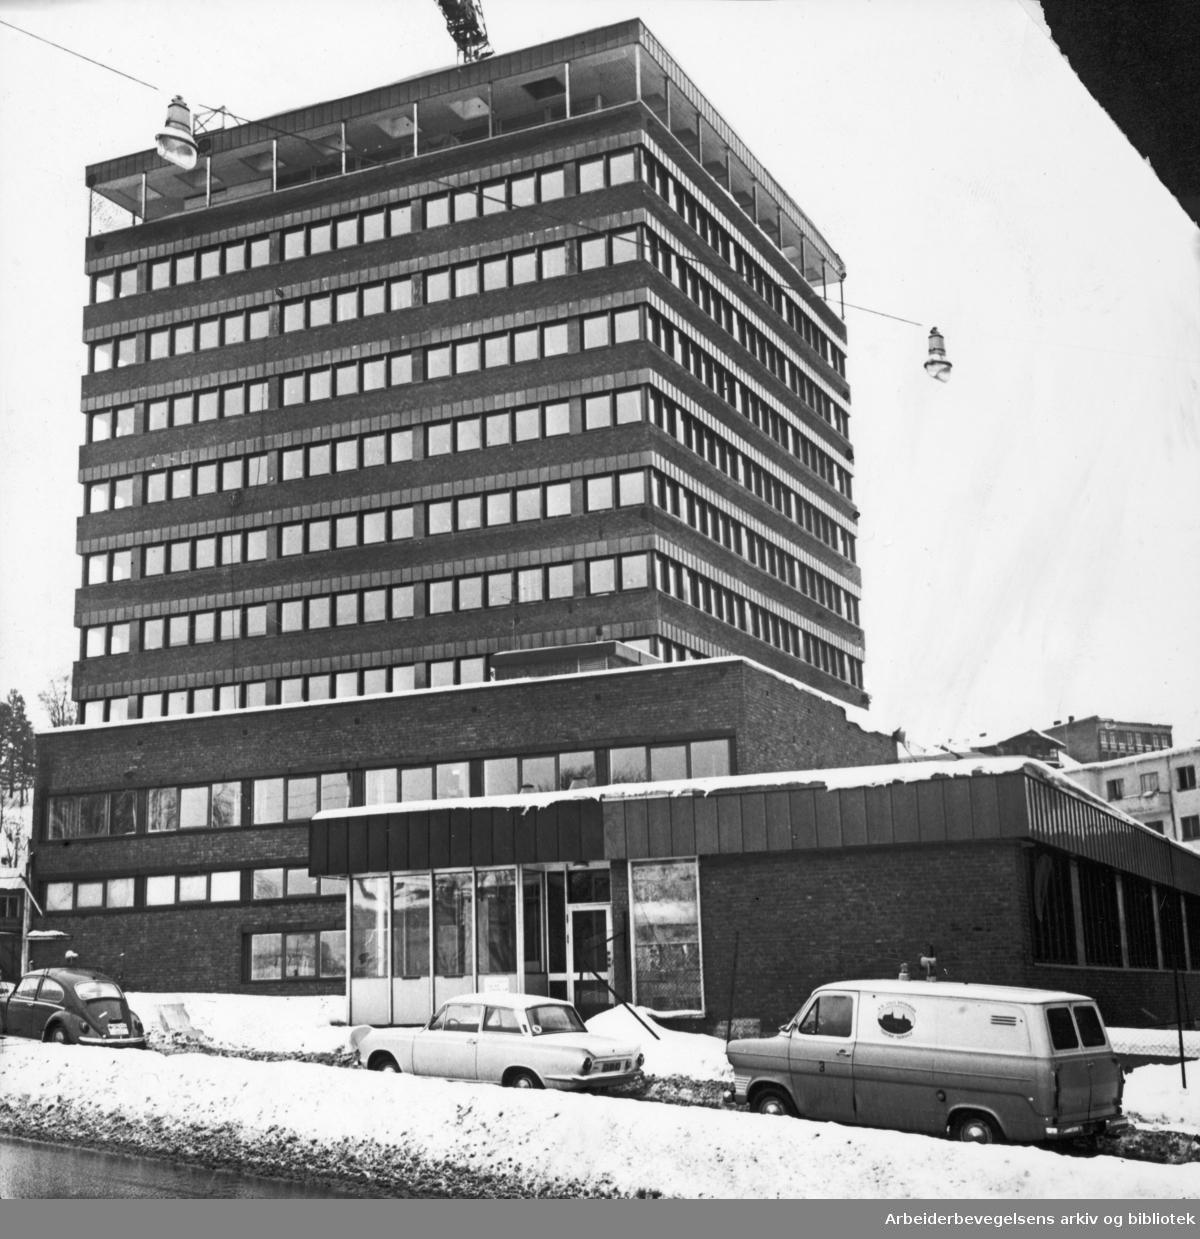 Oslo Sporveiers nye administrasjonsbygg på Tøyen, mars 1968.